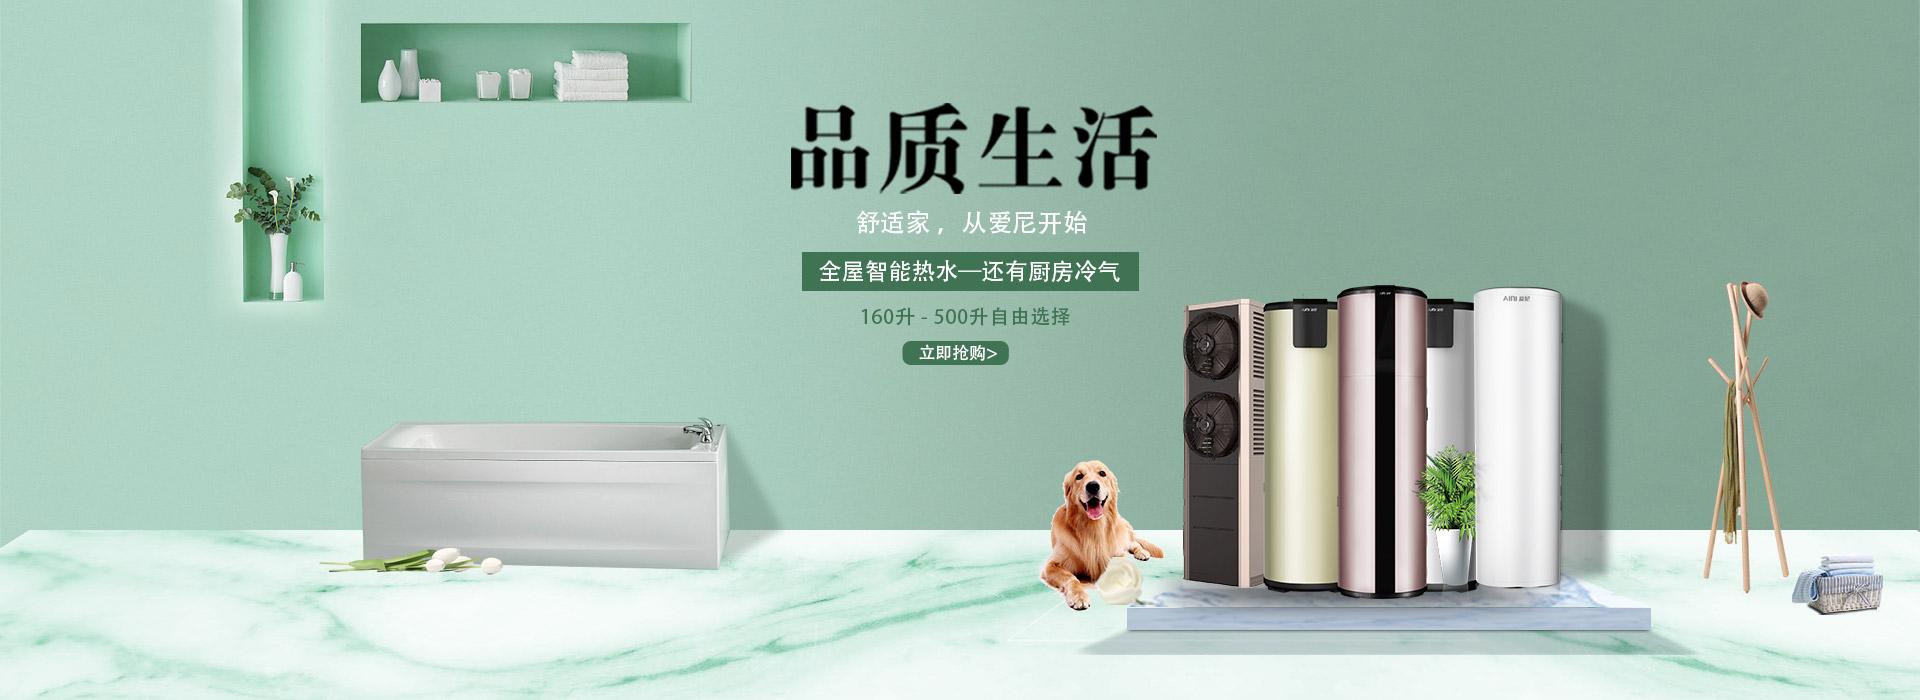 家用空气能热水器热泵